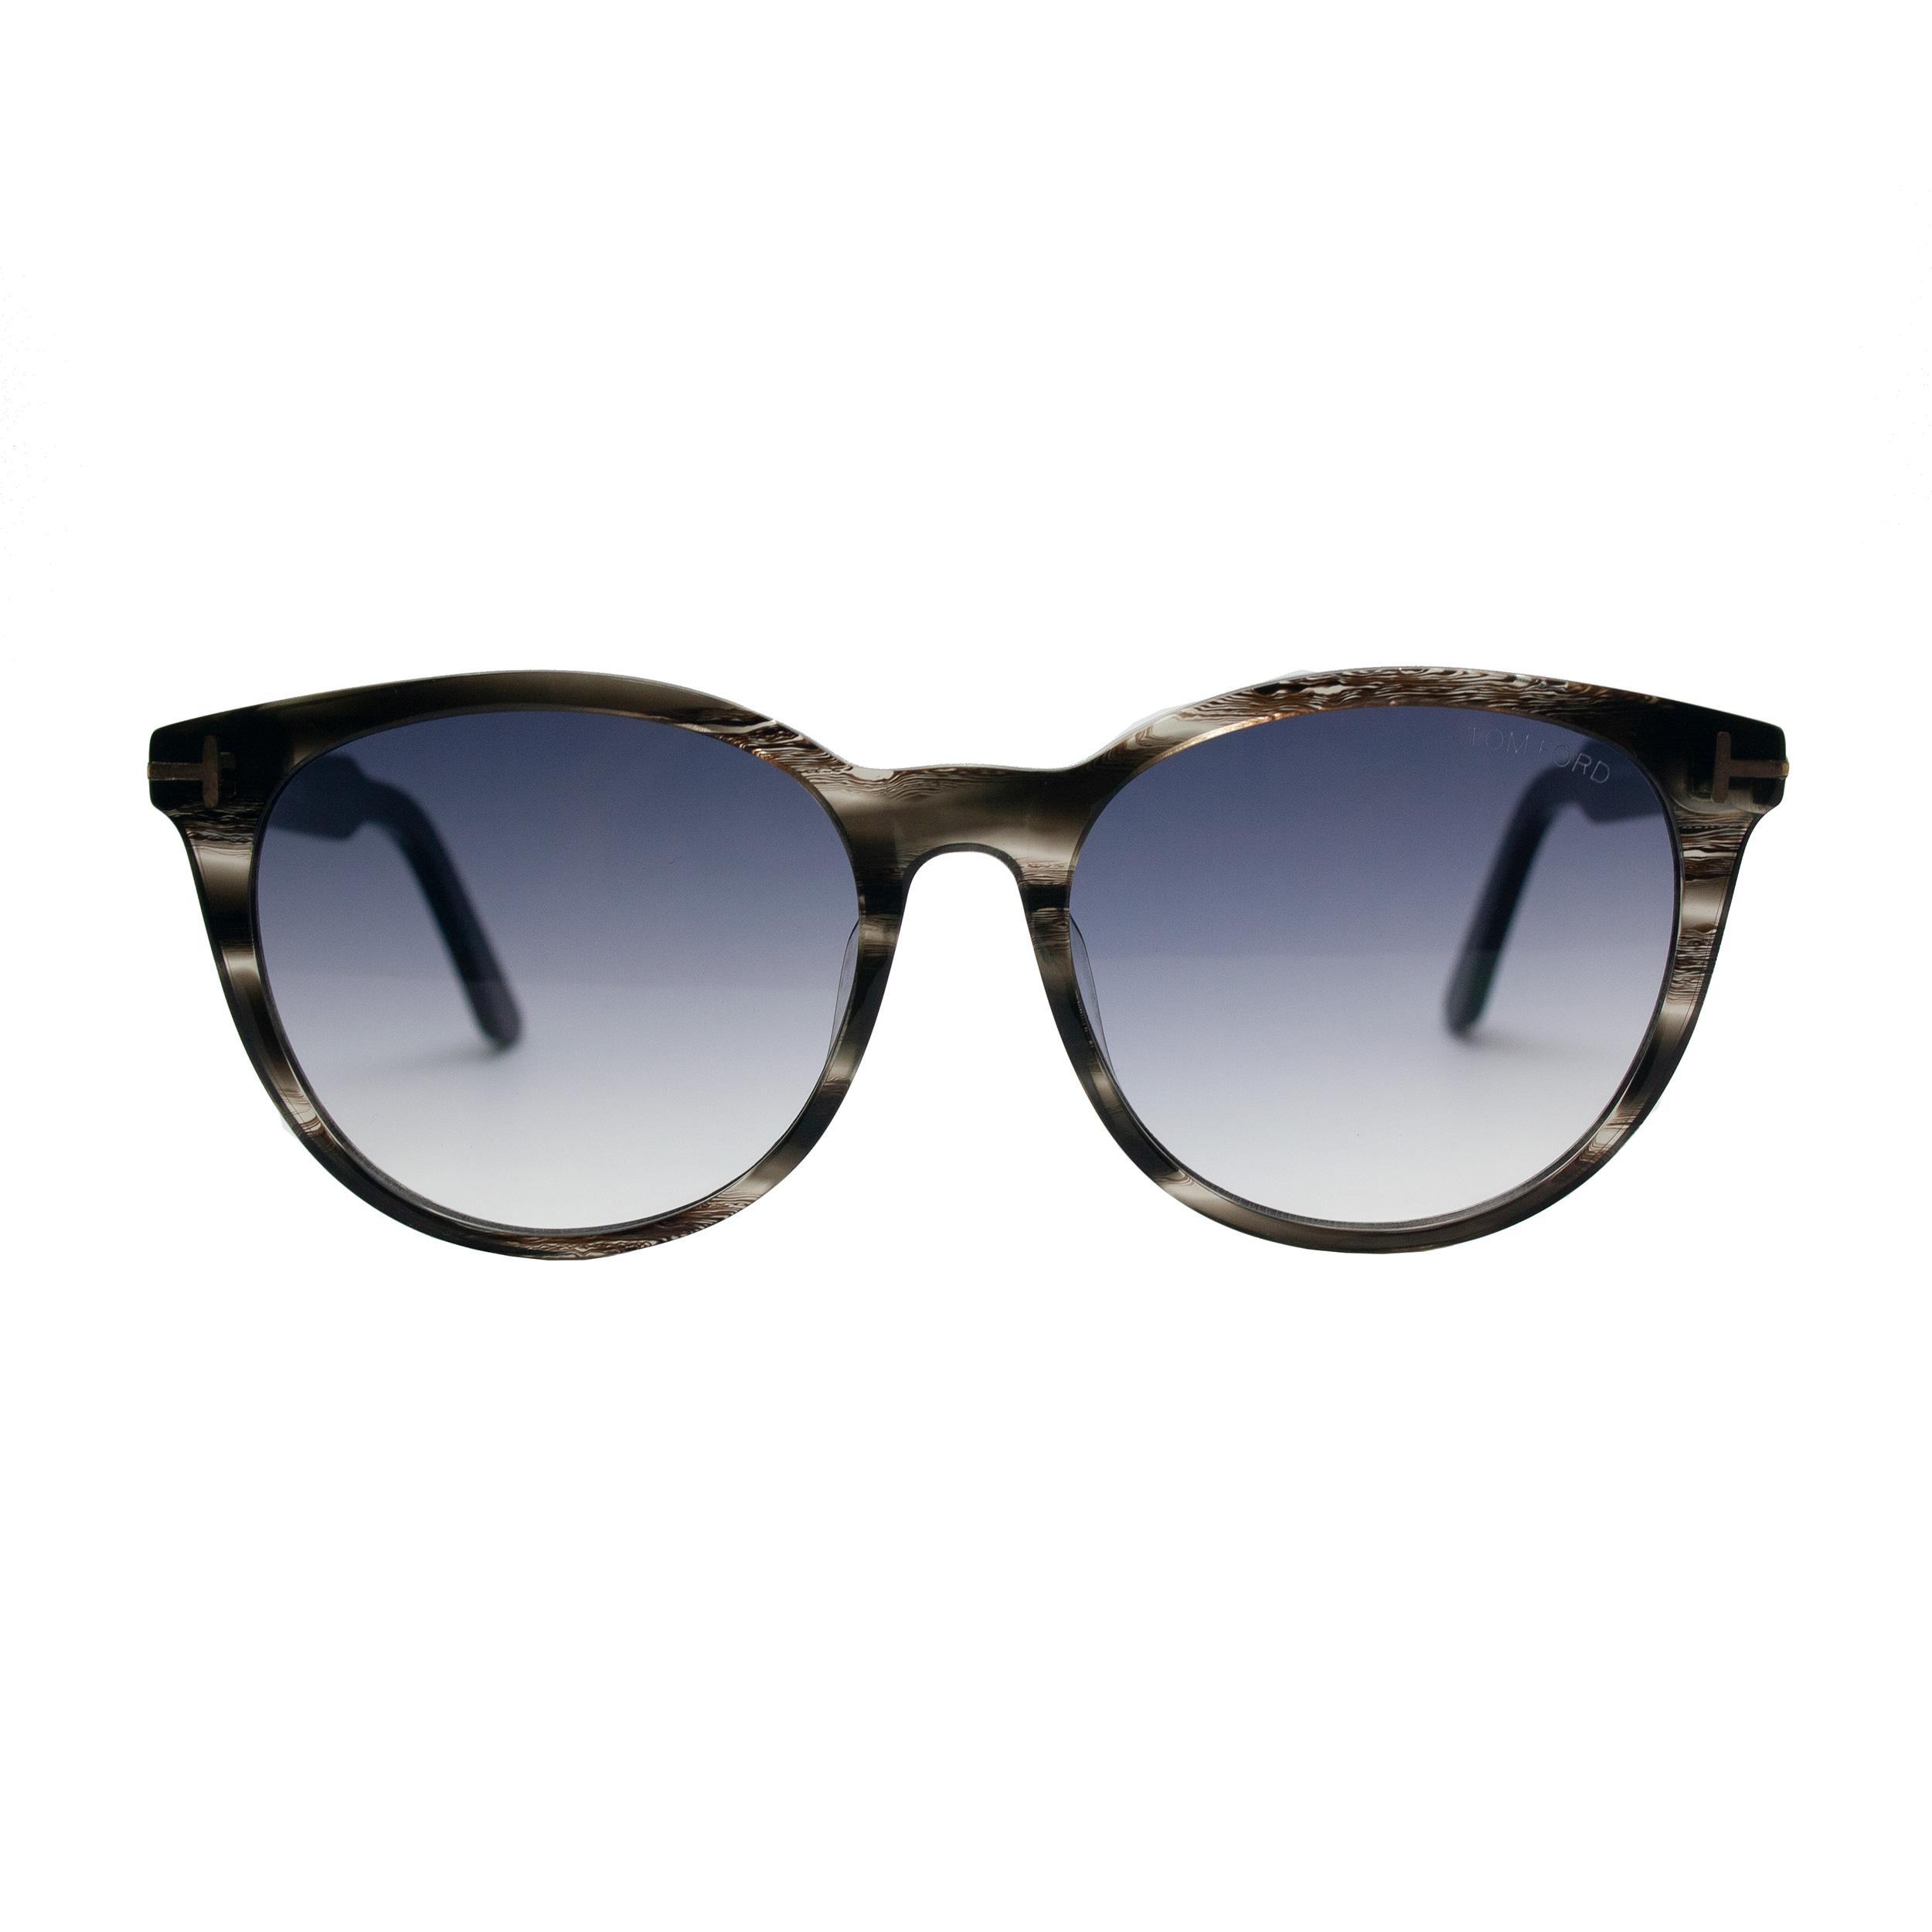 عینک آفتابی تام فورد مدل FT0763 GRAY